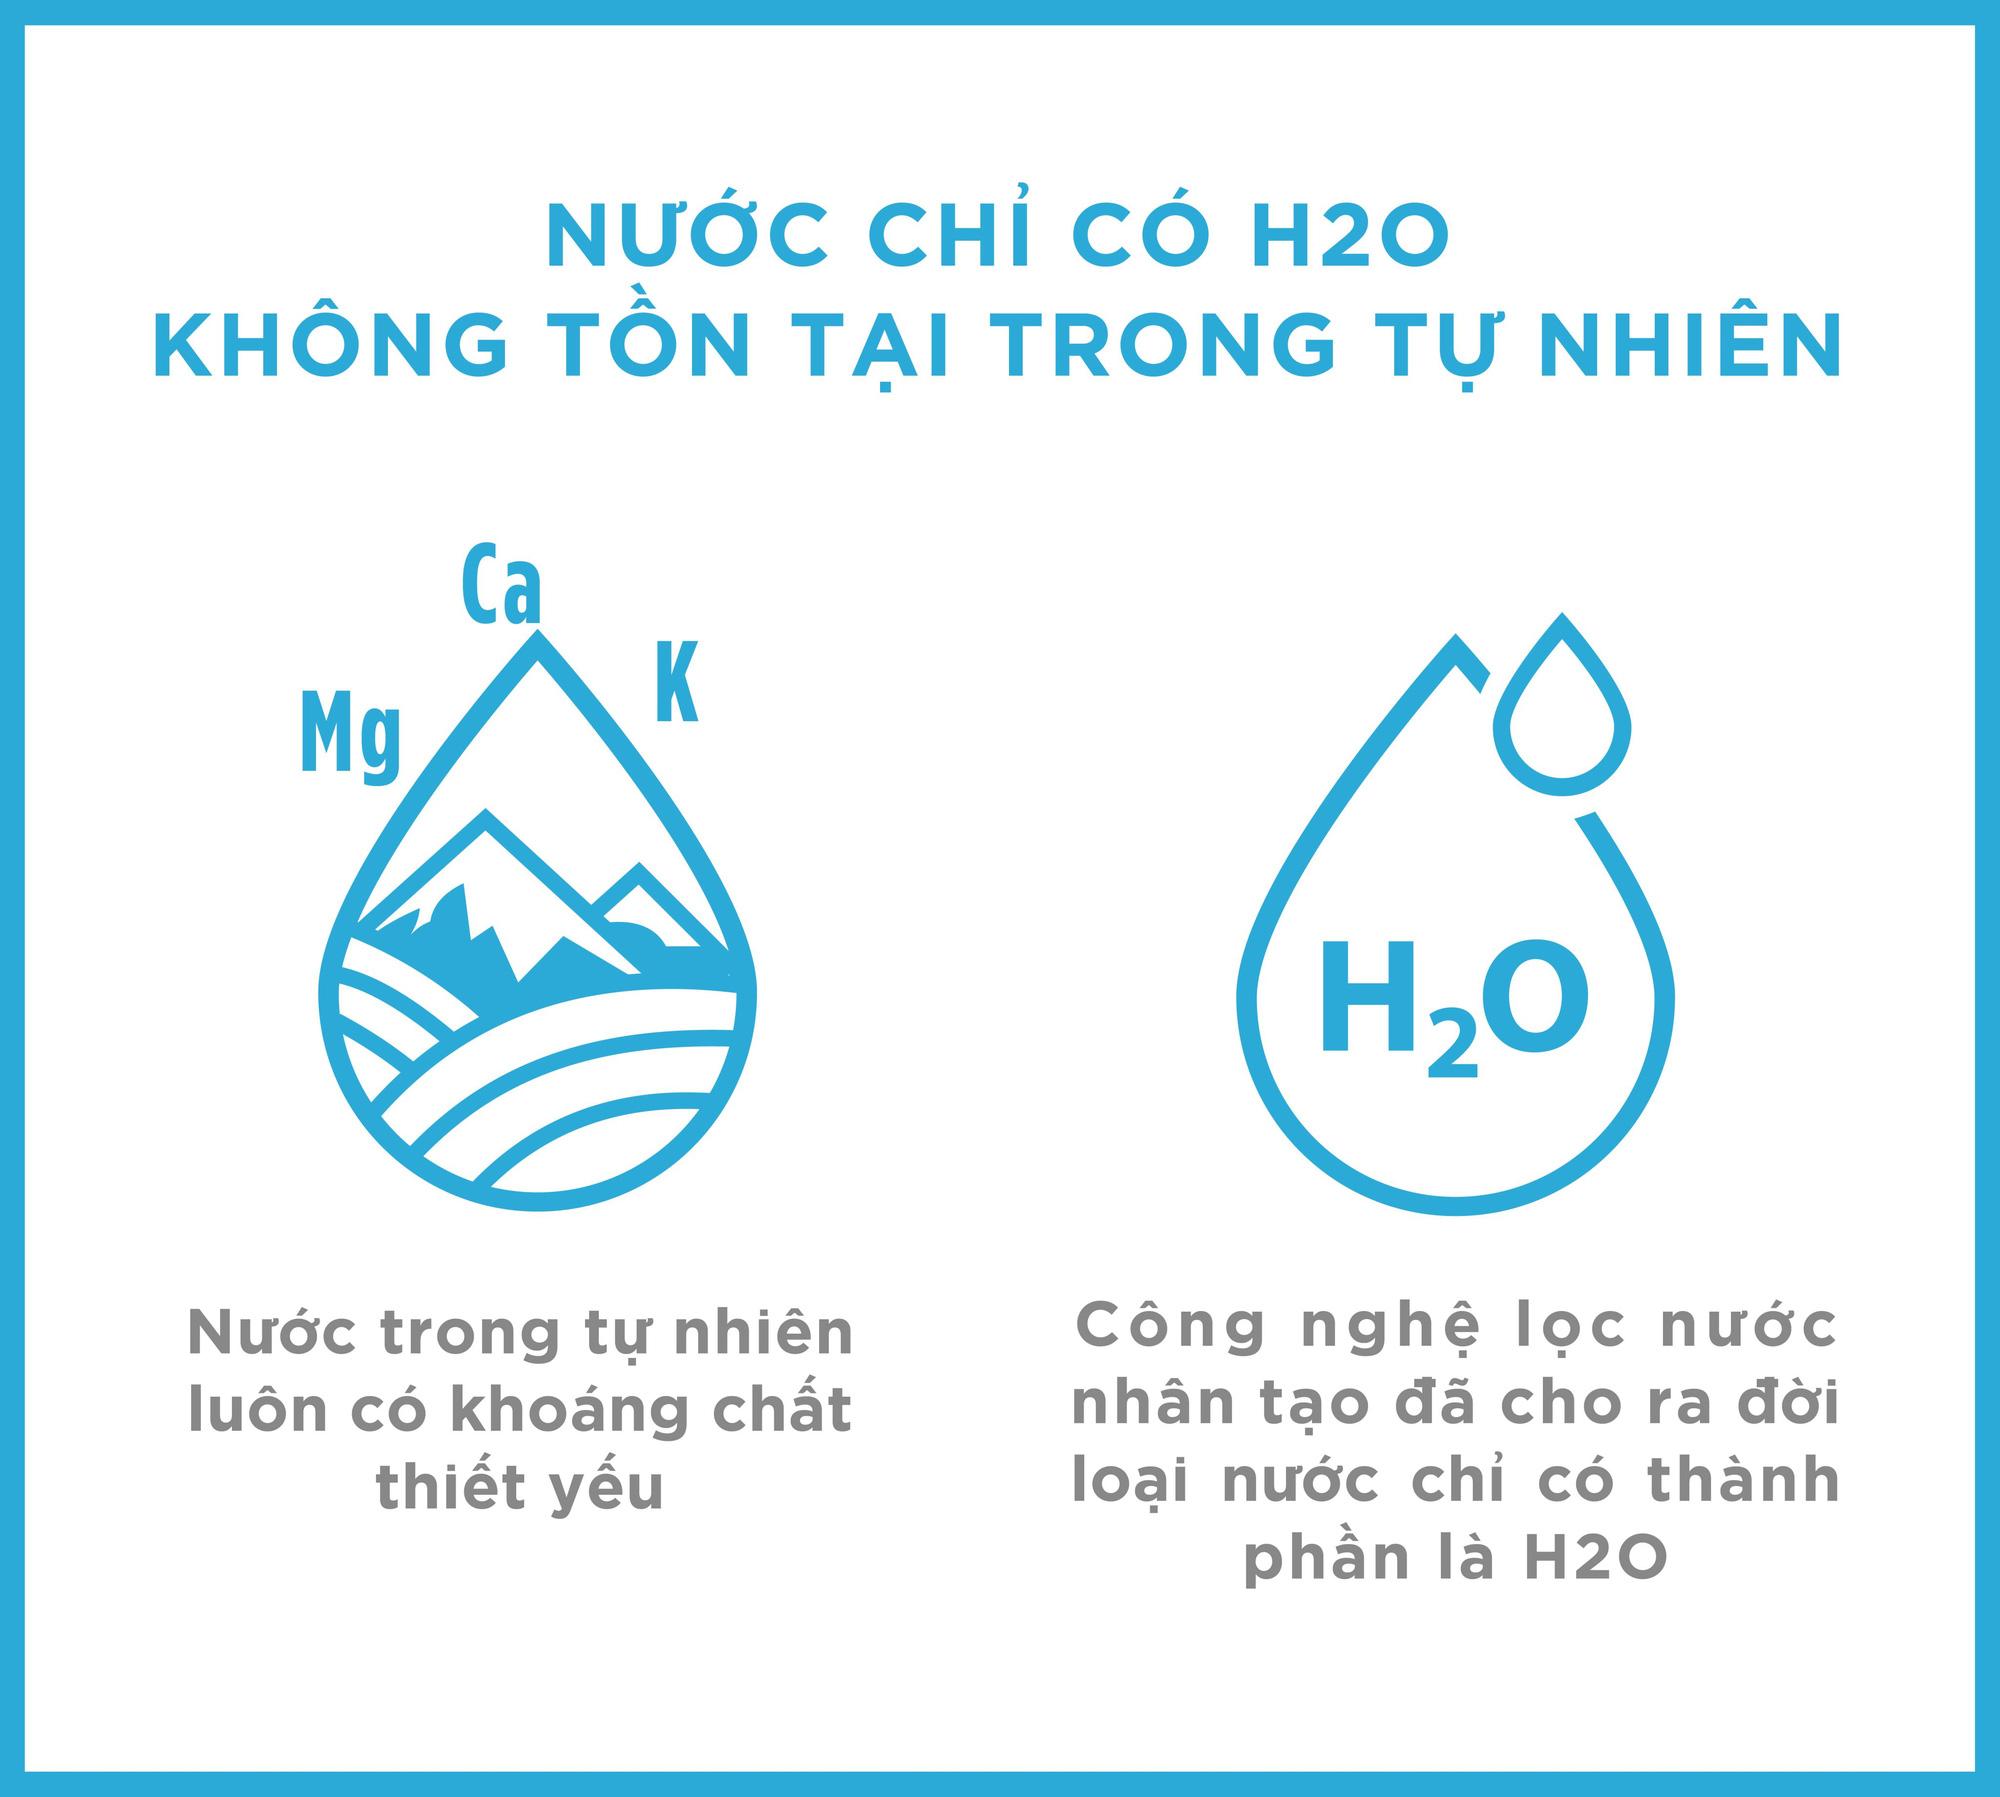 Huyền Trang Bất Hối: Hãy chọn sống khí chất, khác biệt như giọt nước khoáng - Ảnh 1.